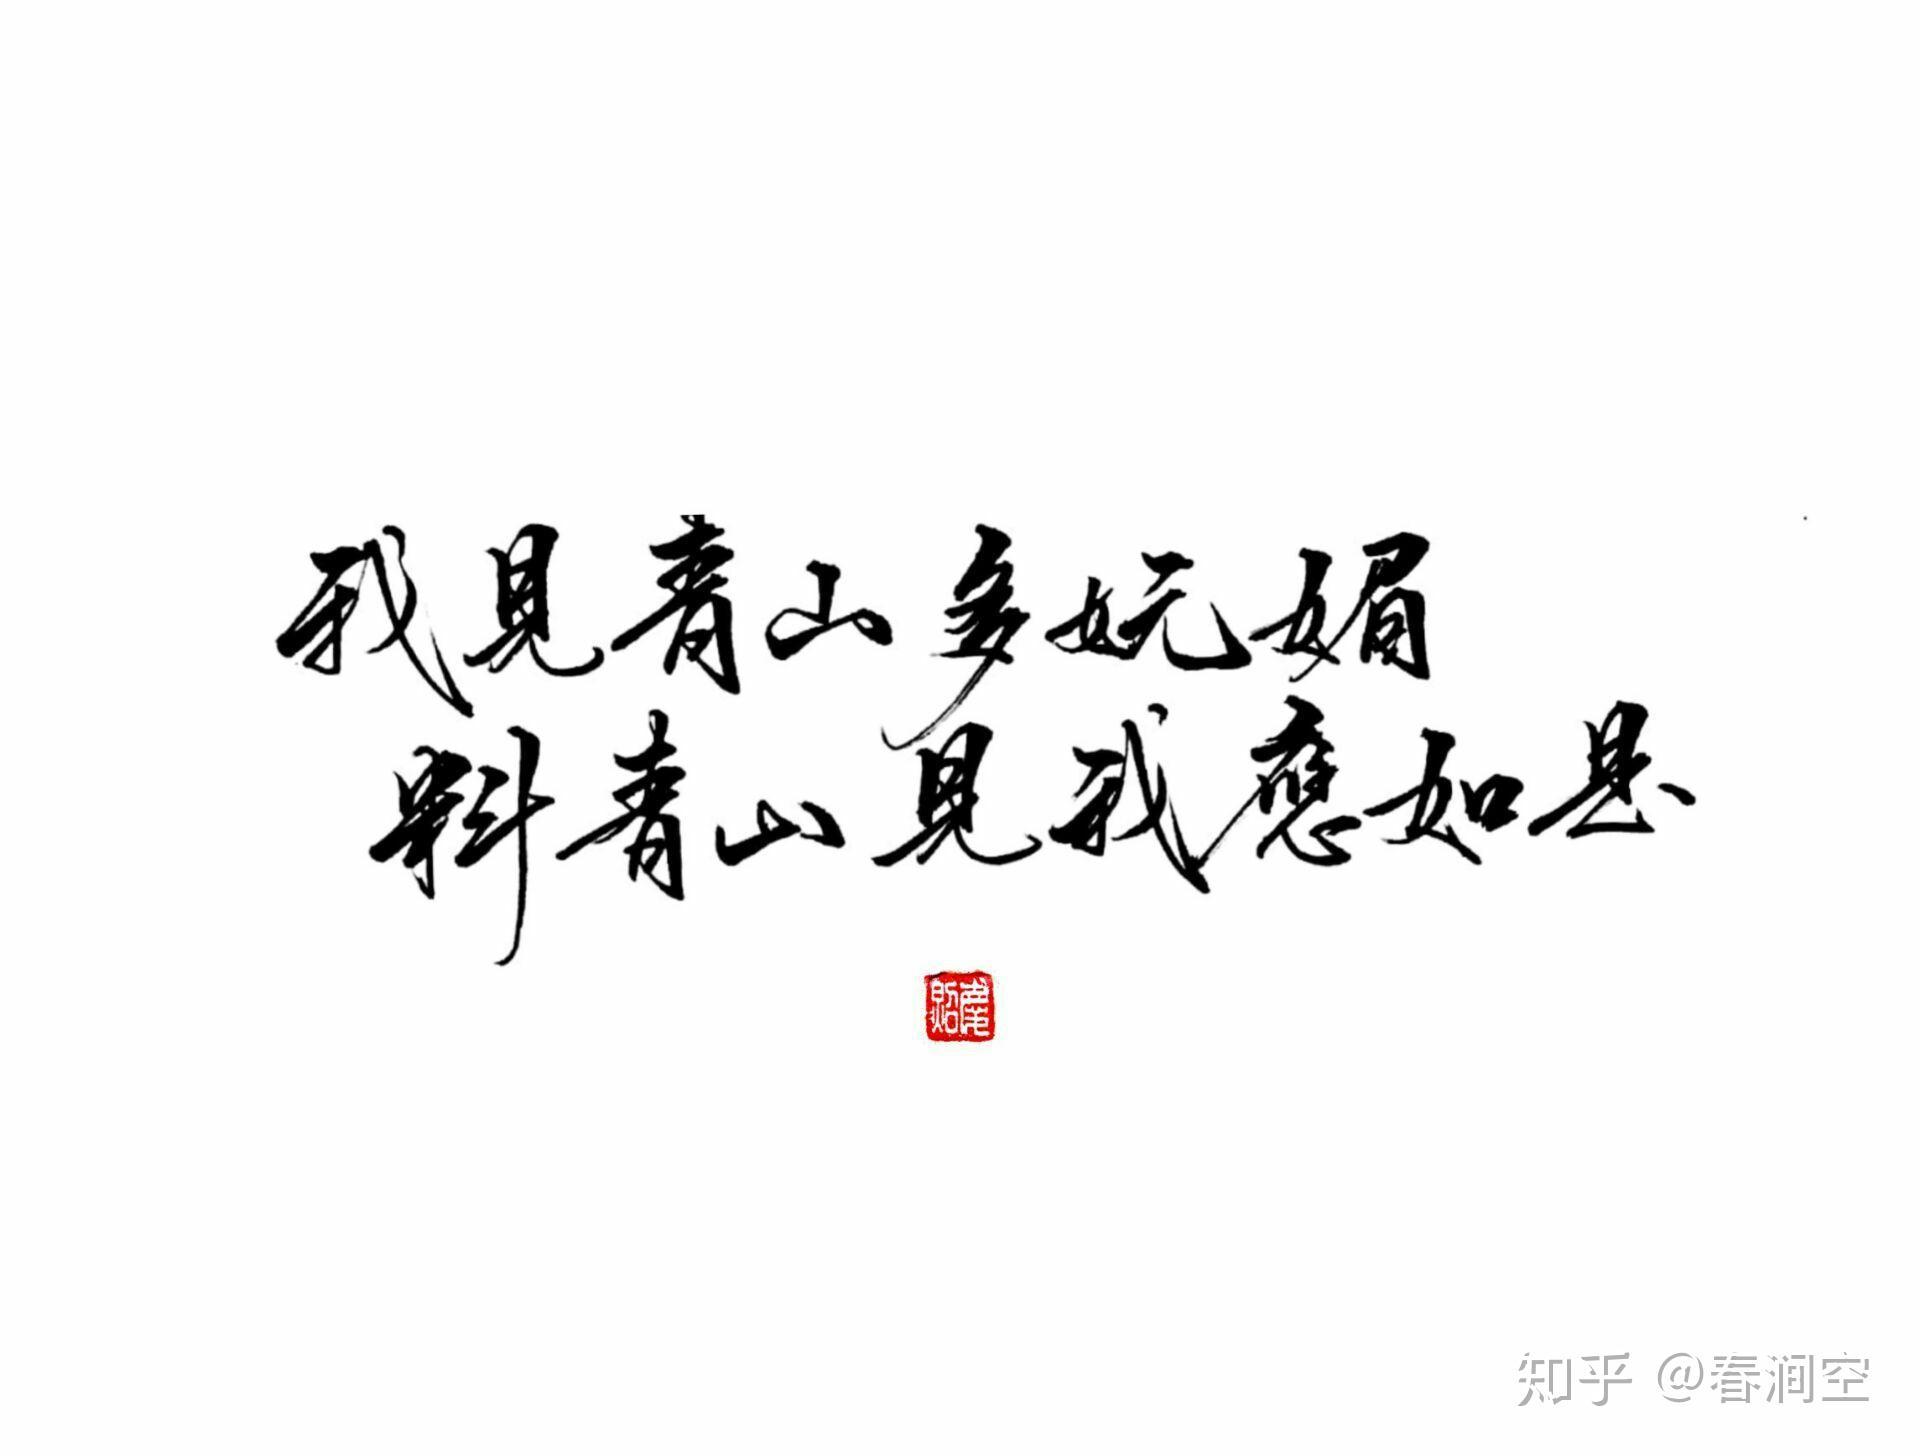 我料青山_如果用一句诗来公布恋情,你会用哪句? - 知乎